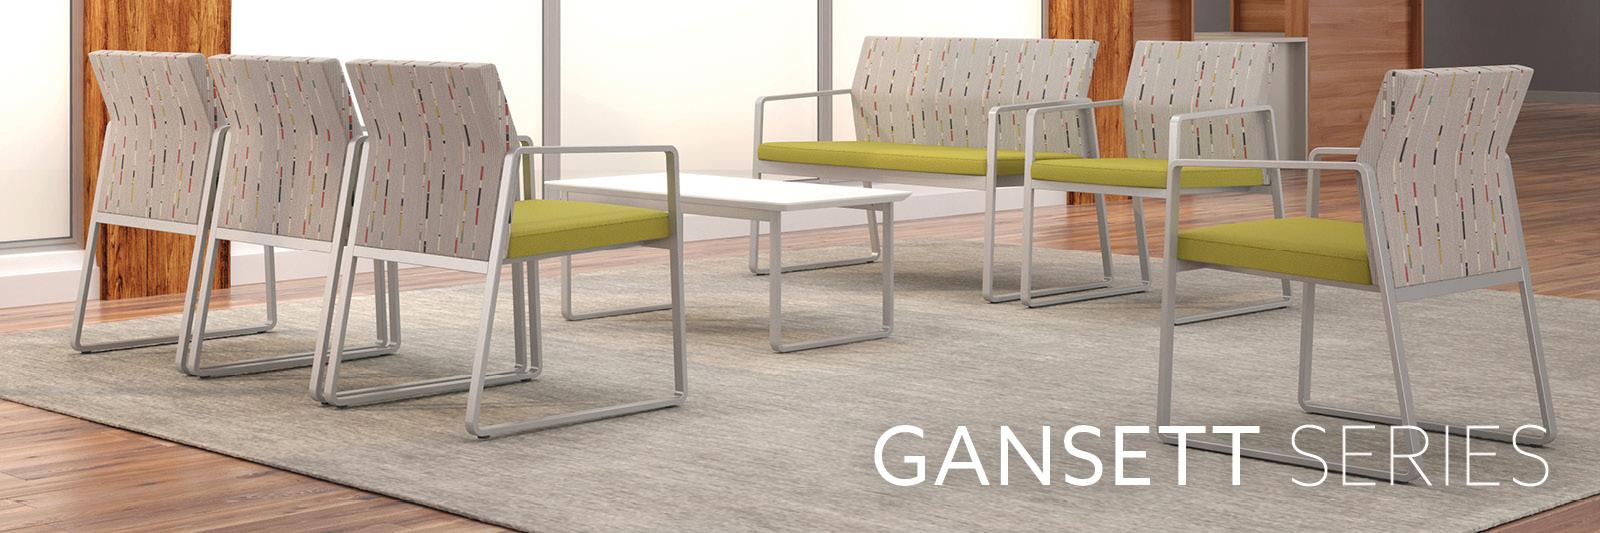 gansett